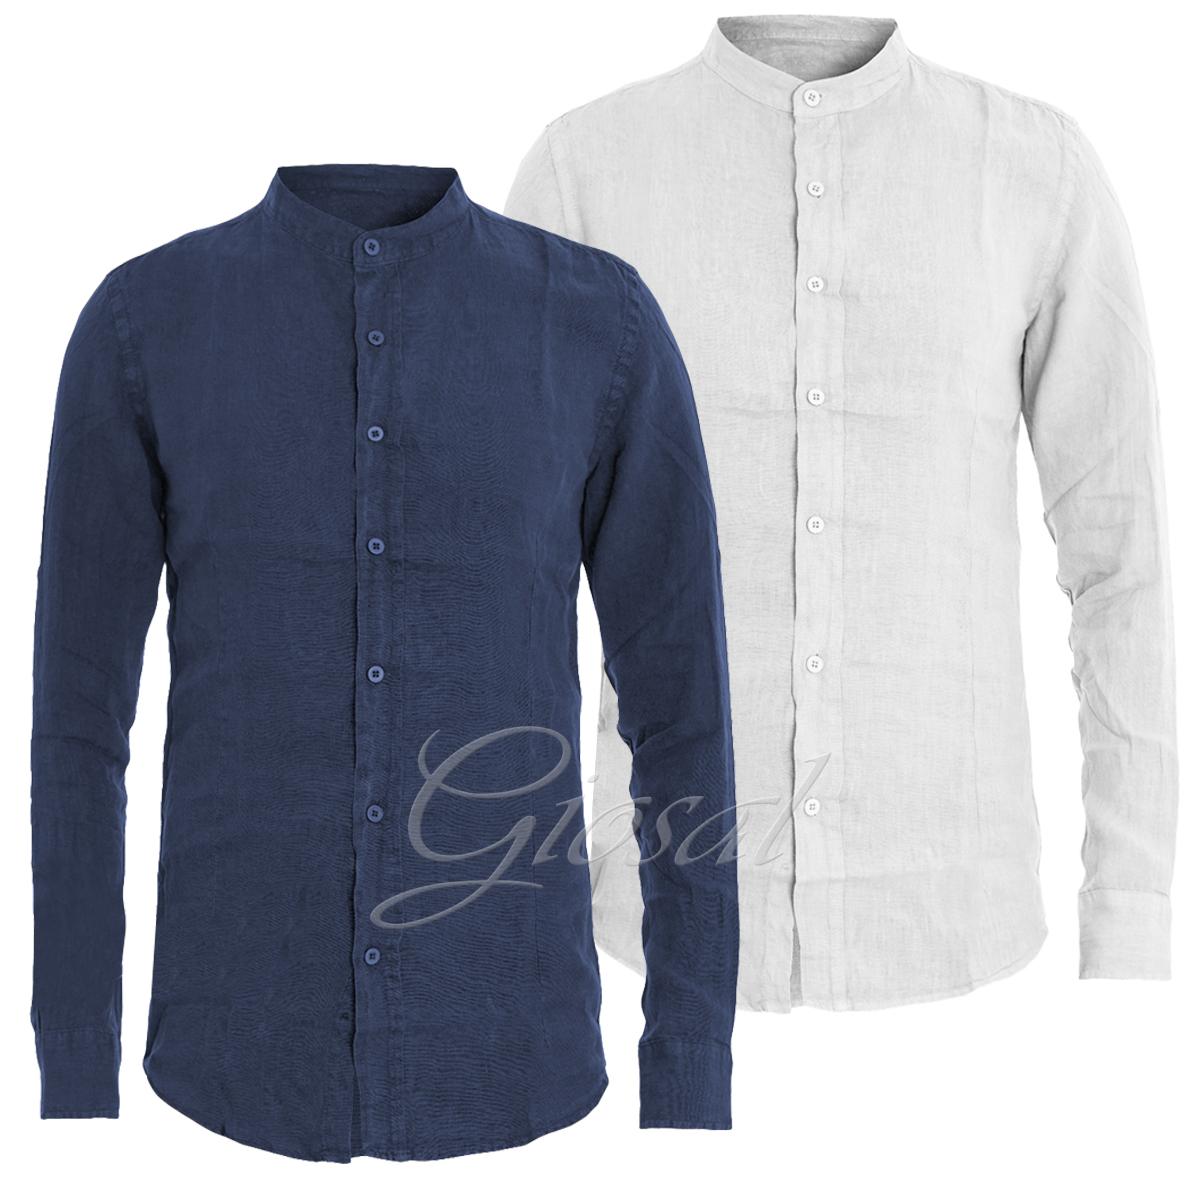 de74530b41 Dettagli su Camicia Uomo Lino Vari Colori Tinta Unita Slim Collo Coreano  GIOSAL